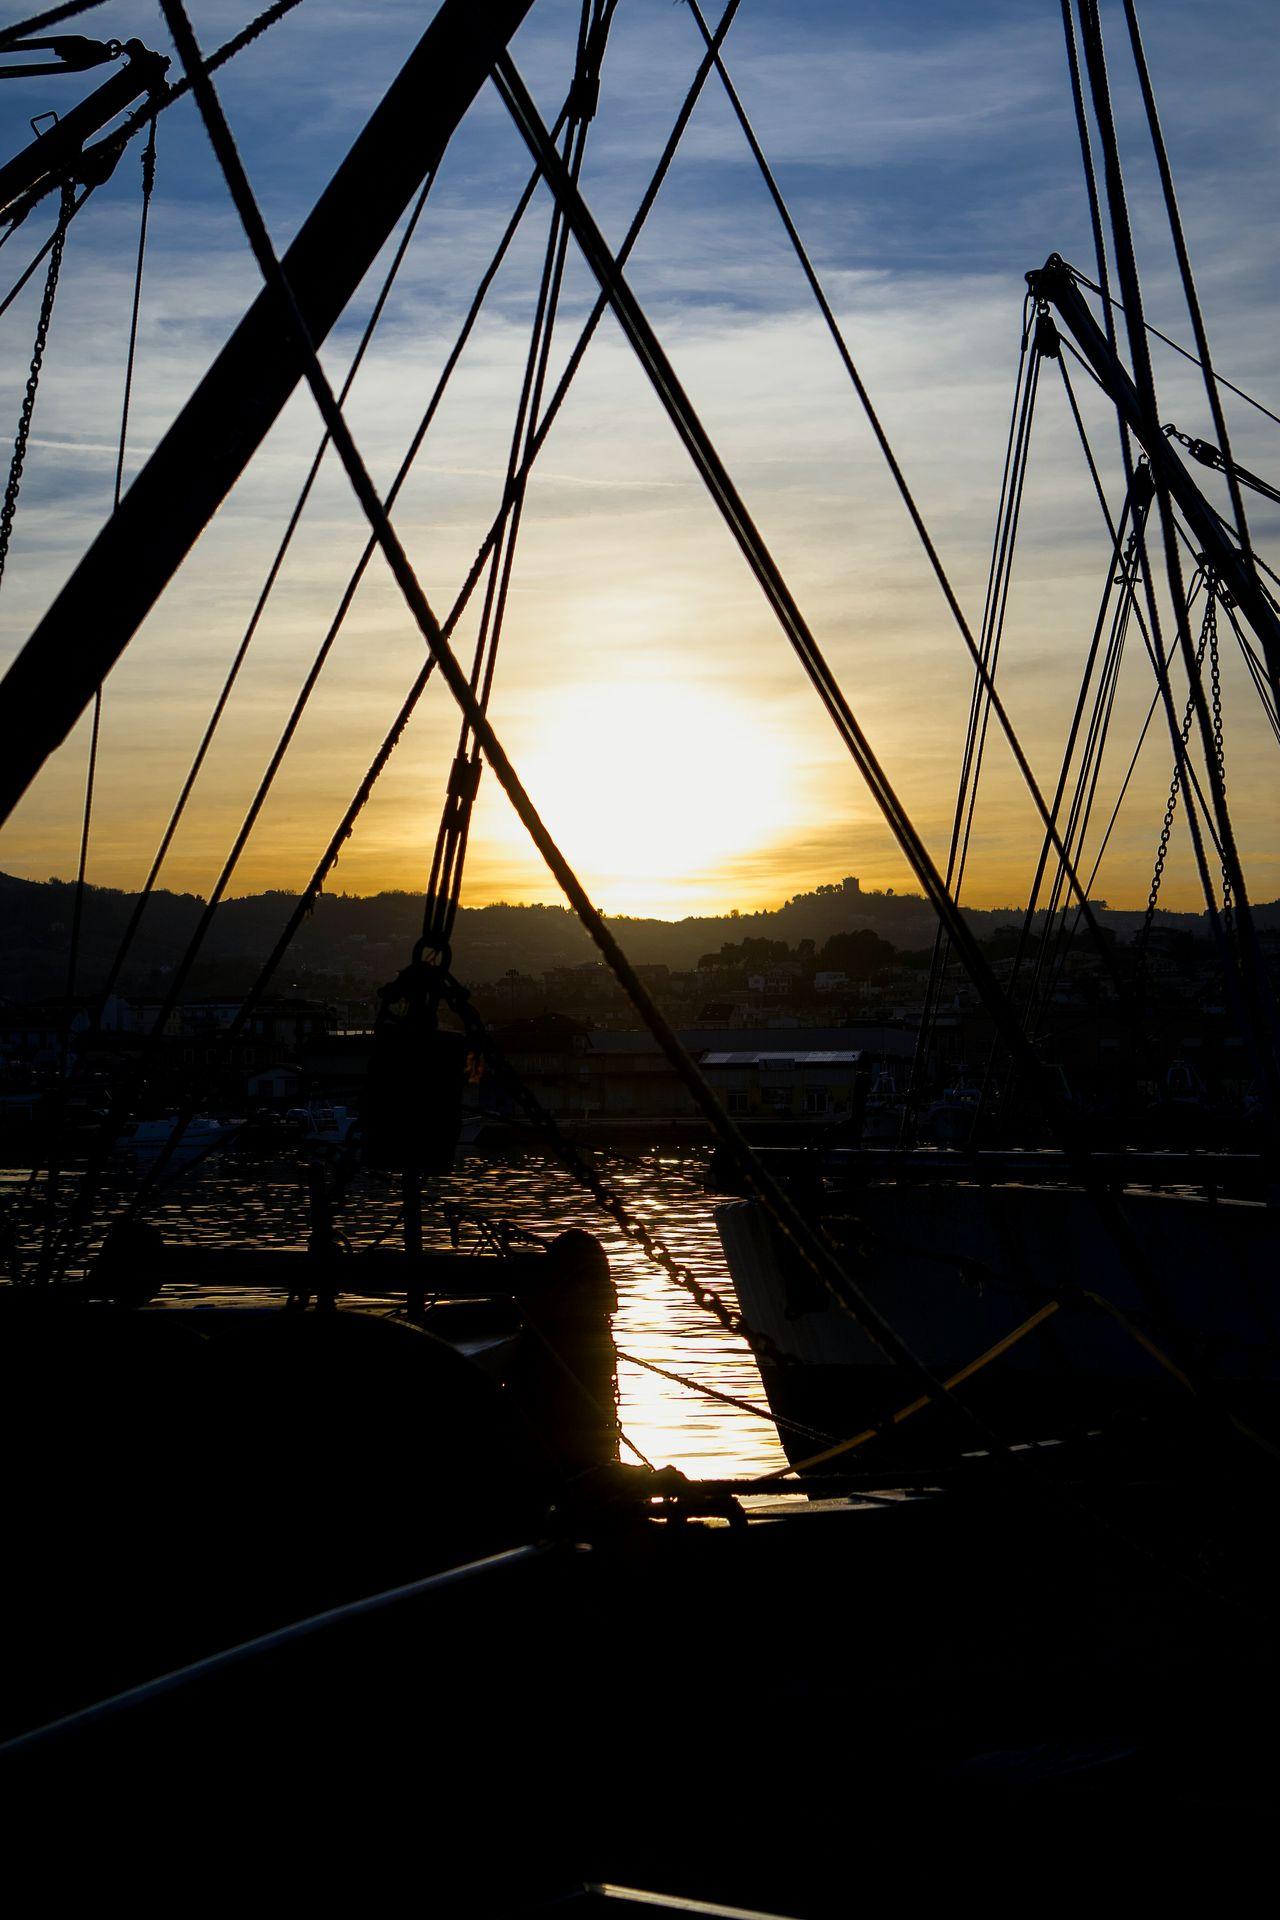 Il Porto. San Benedetto del Tronto Porto Italy Barche Pesca Amazing_captures Marcheforyou Marche Fotografia Sunset Lights Colours Viaggio Da Me Sanbenedettodeltronto Photography Travel Photography Sky_collection Sunset_collection